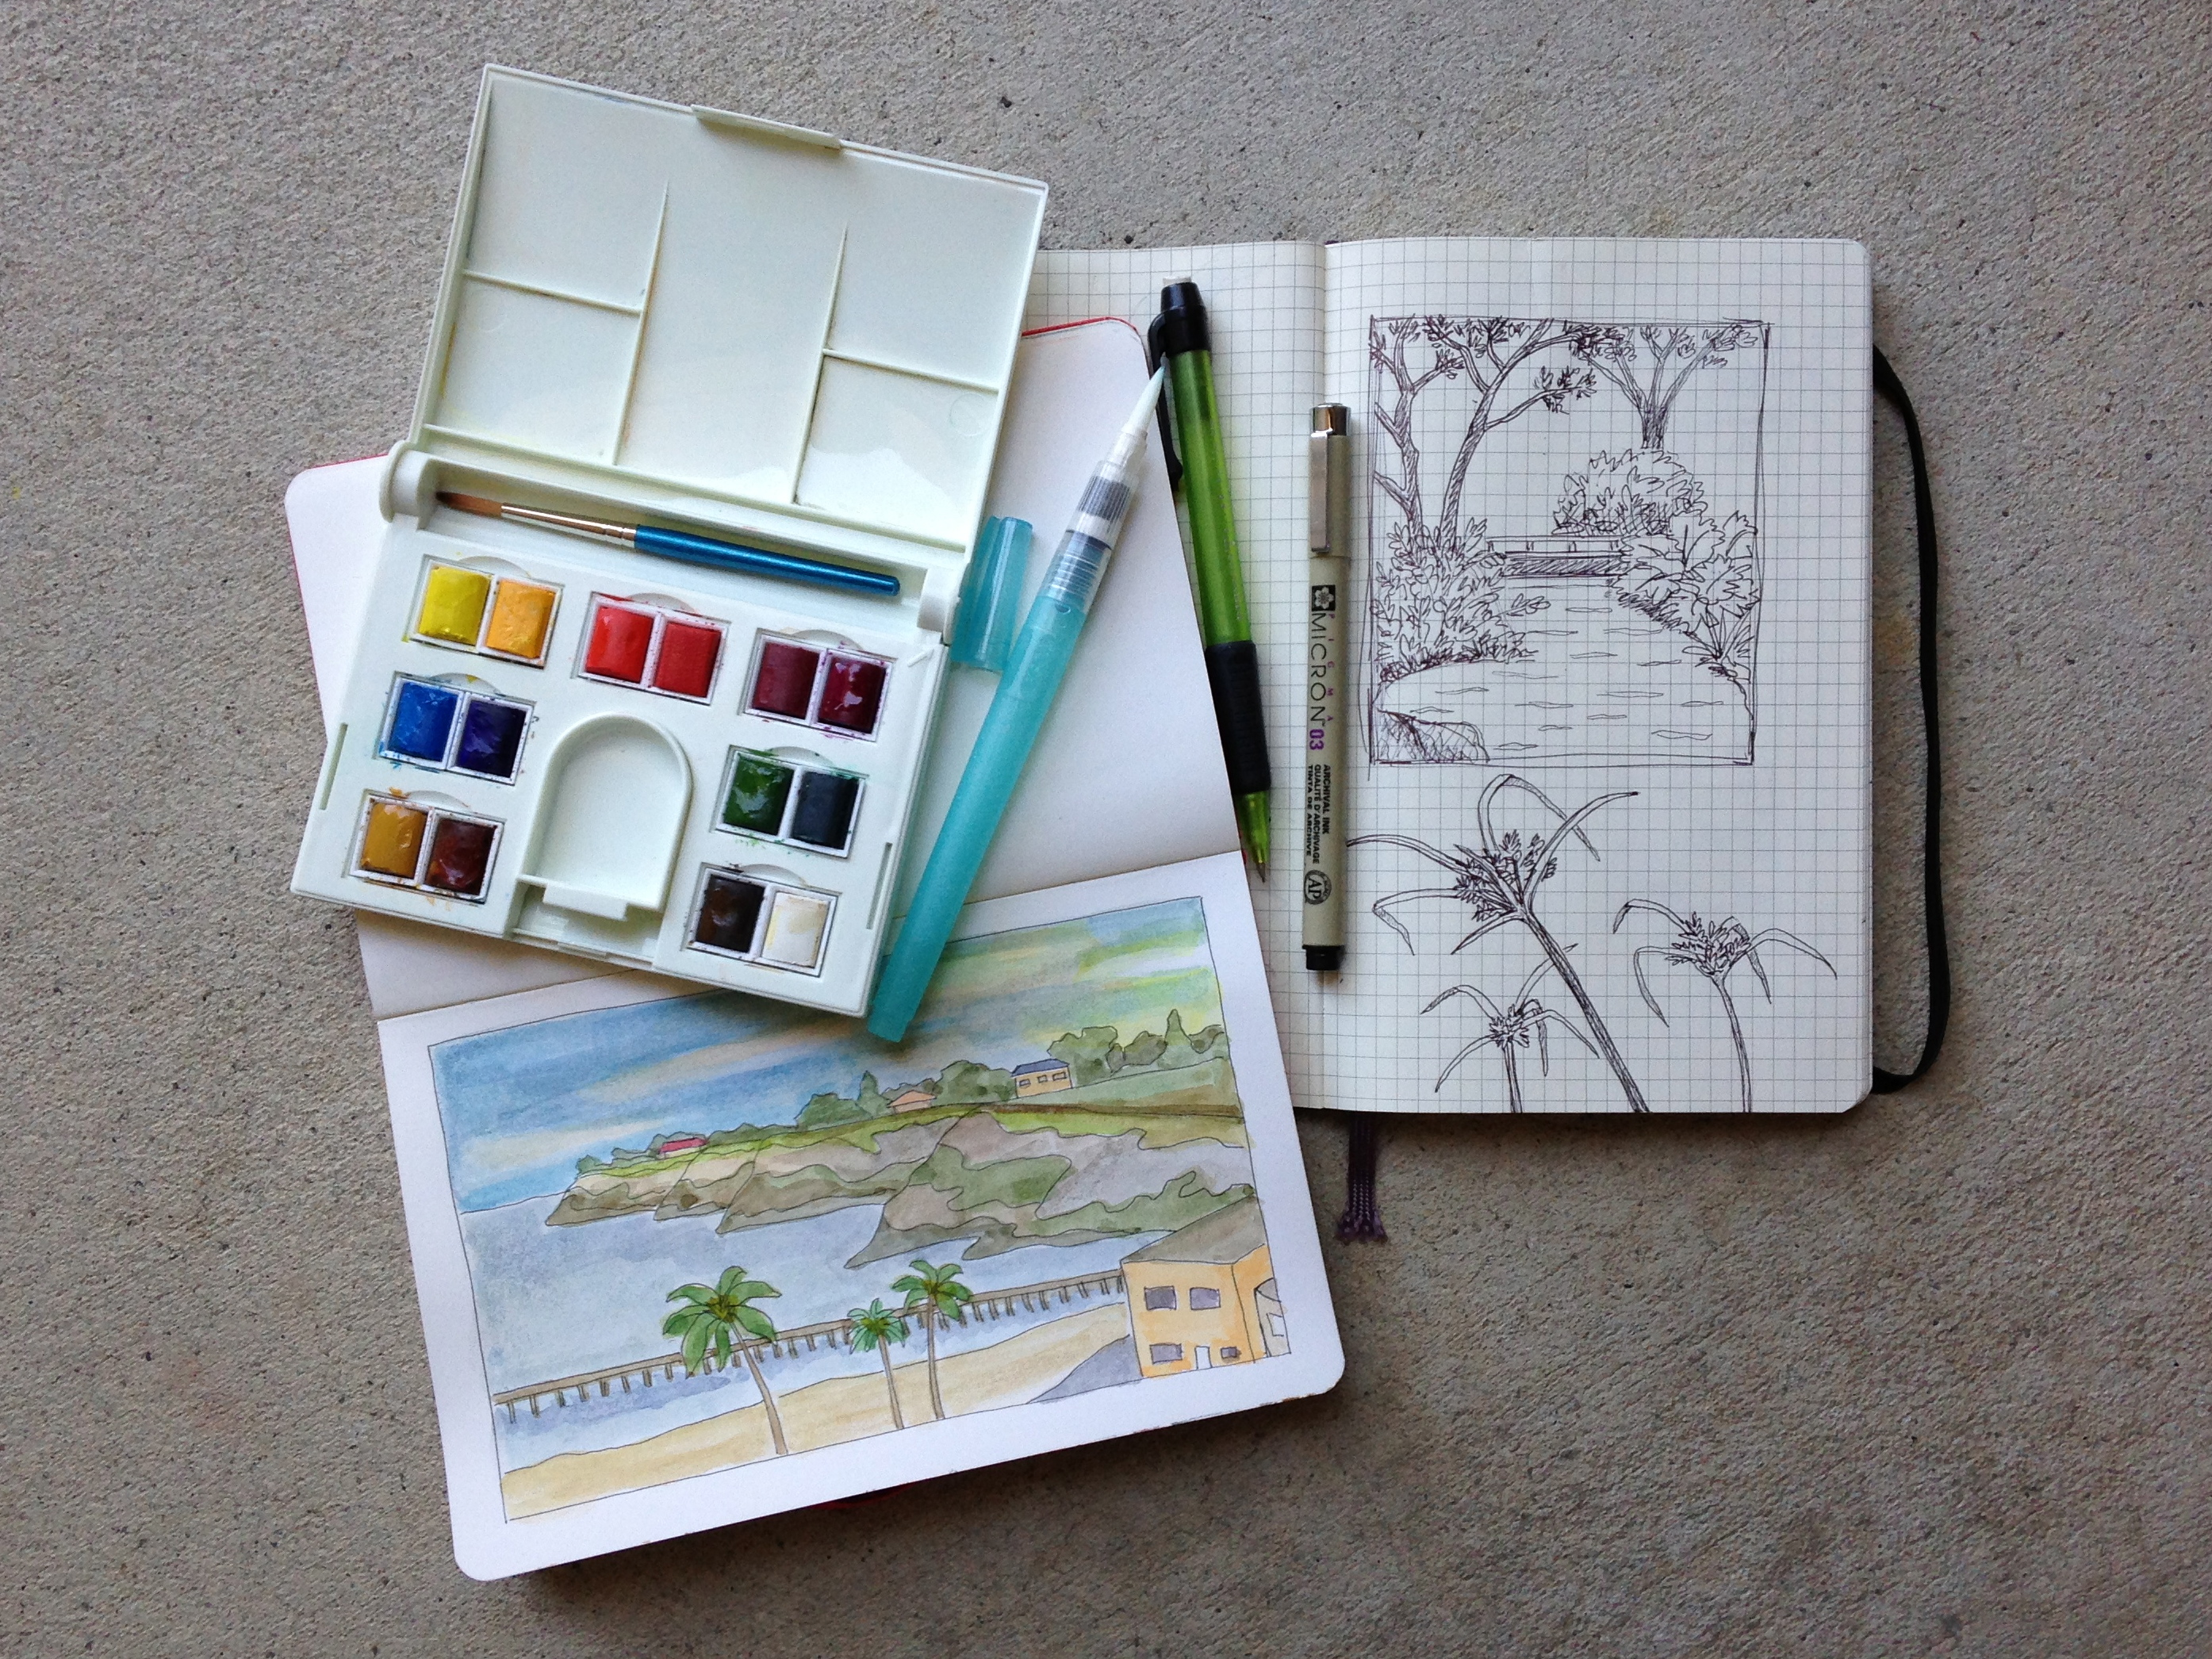 Sketch Books & Paint Set